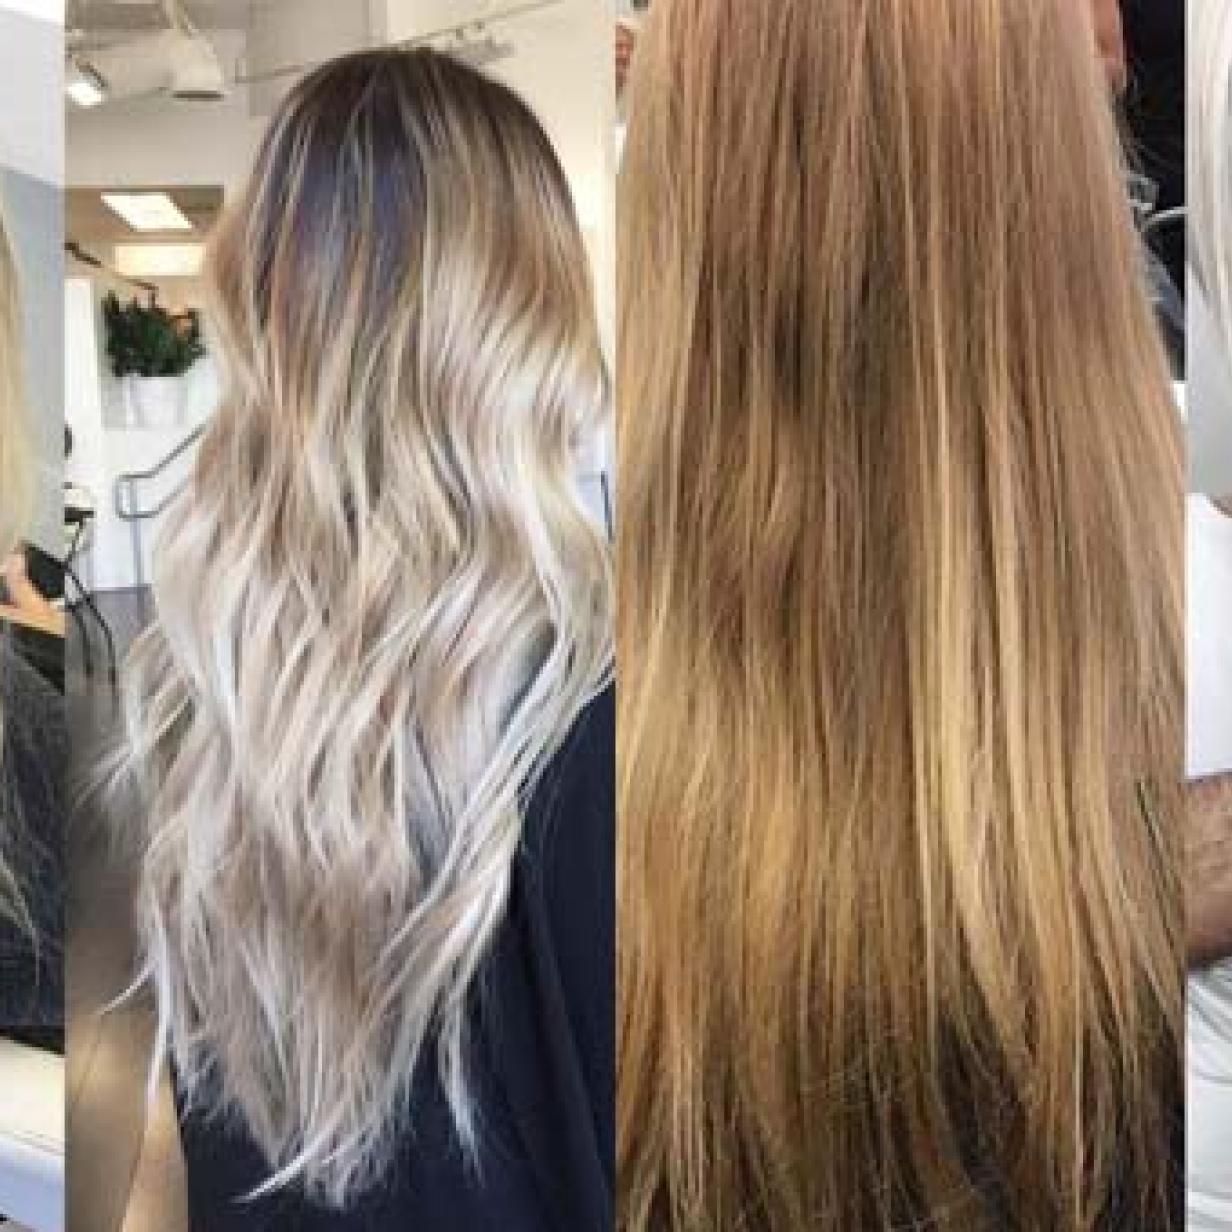 Wundermittel Olaplex Haare Färben Ohne Schäden Kurierat